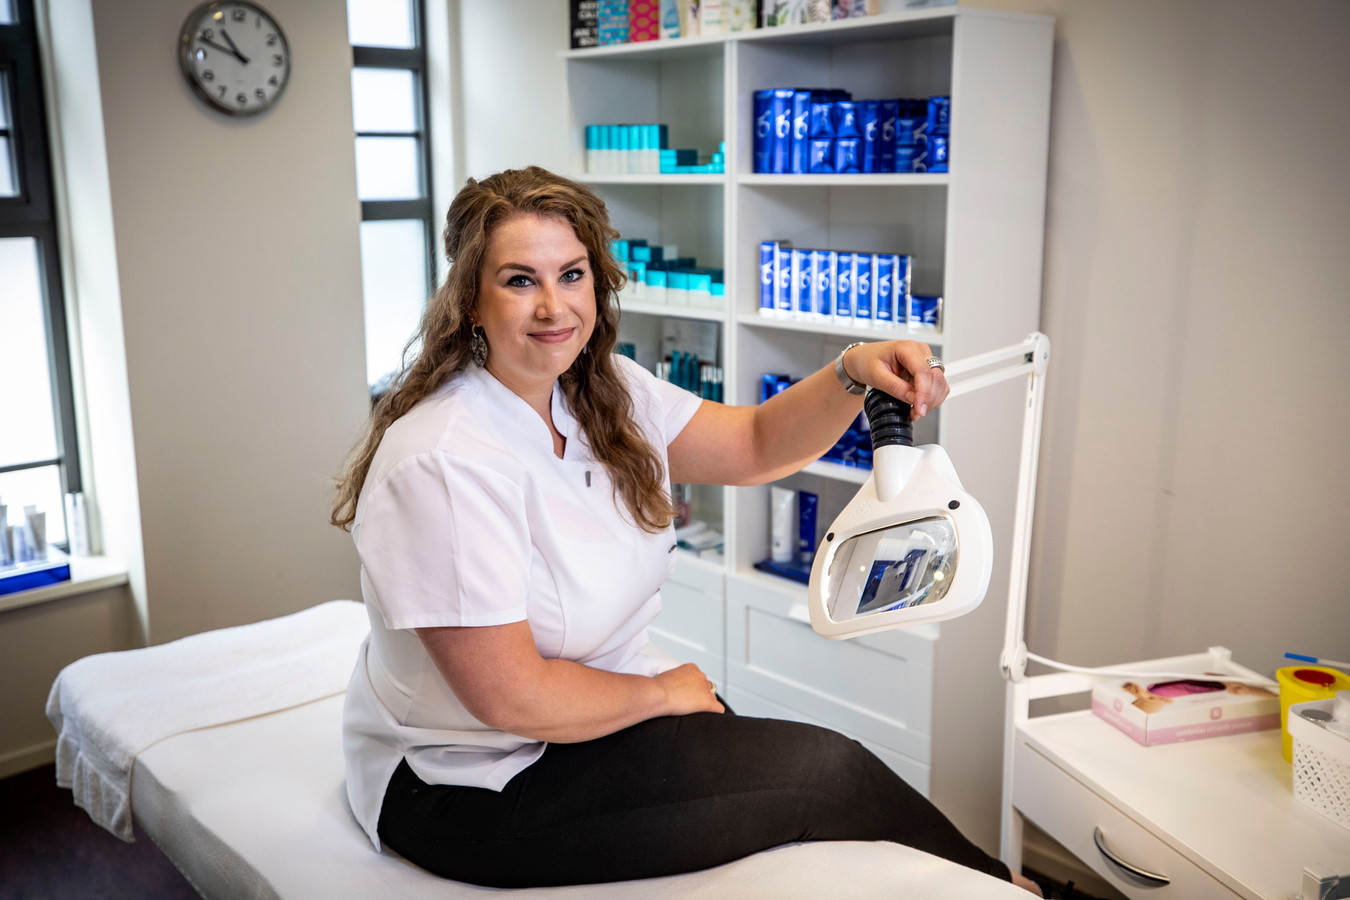 Huidtherapeute Nienke Monnink is haar eigen praktijk begonnen in gezondheidscentrum de Molenborgh. 'Ik zie patiënten graag met een goed gevoel de praktijk verlaten.'